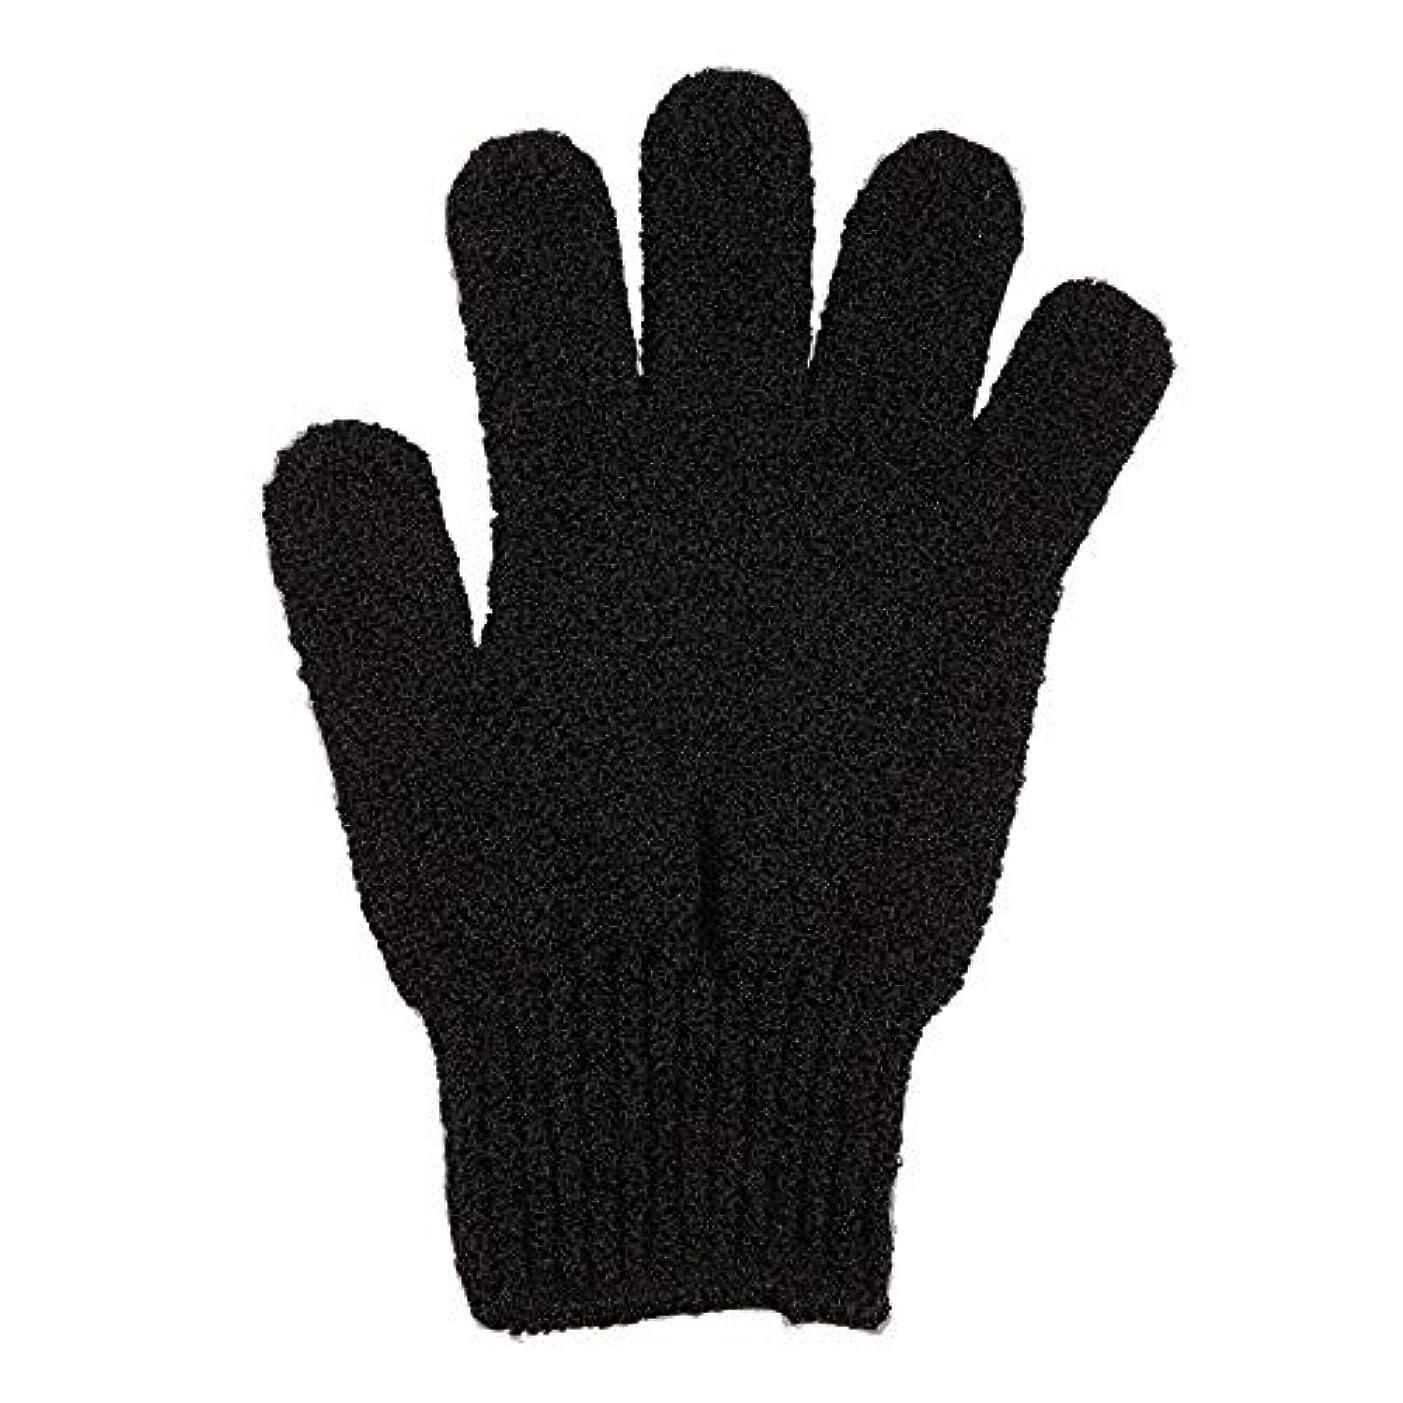 鬼ごっこバイオリニスト爪角質除去手袋フルボディスクラブデッドセルソフトスキン血液循環シャワーバススパ剥離アクセサリー(Color:Black)